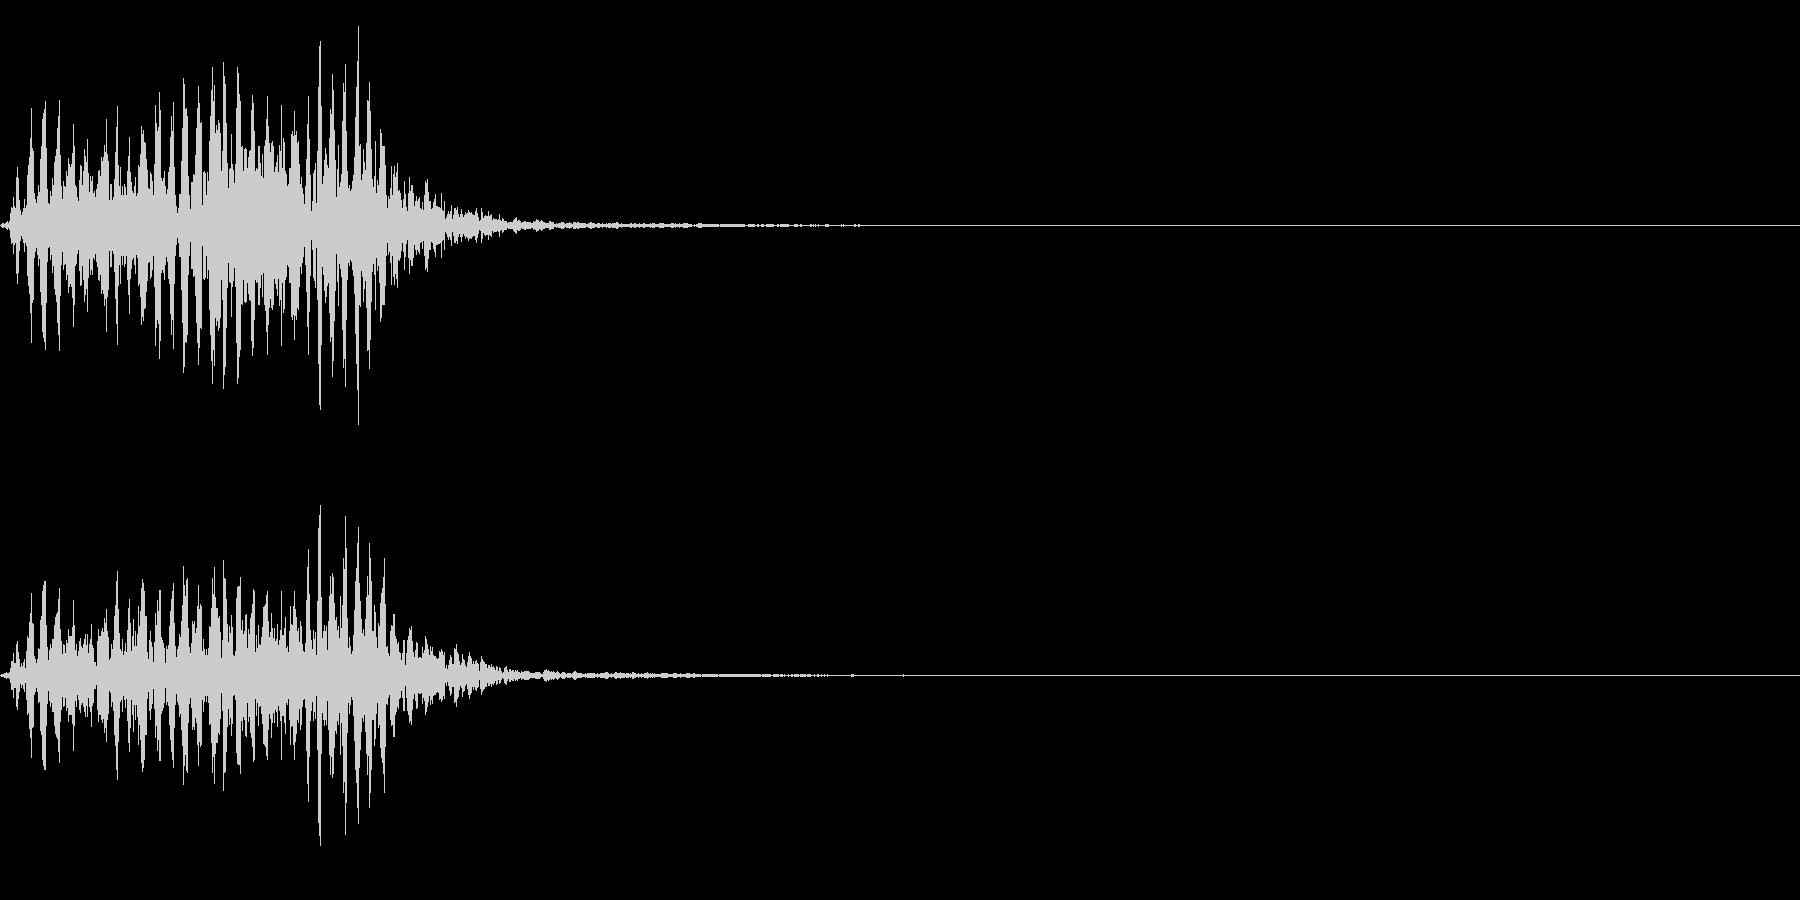 【生録音】フラミンゴの鳴き声 43の未再生の波形